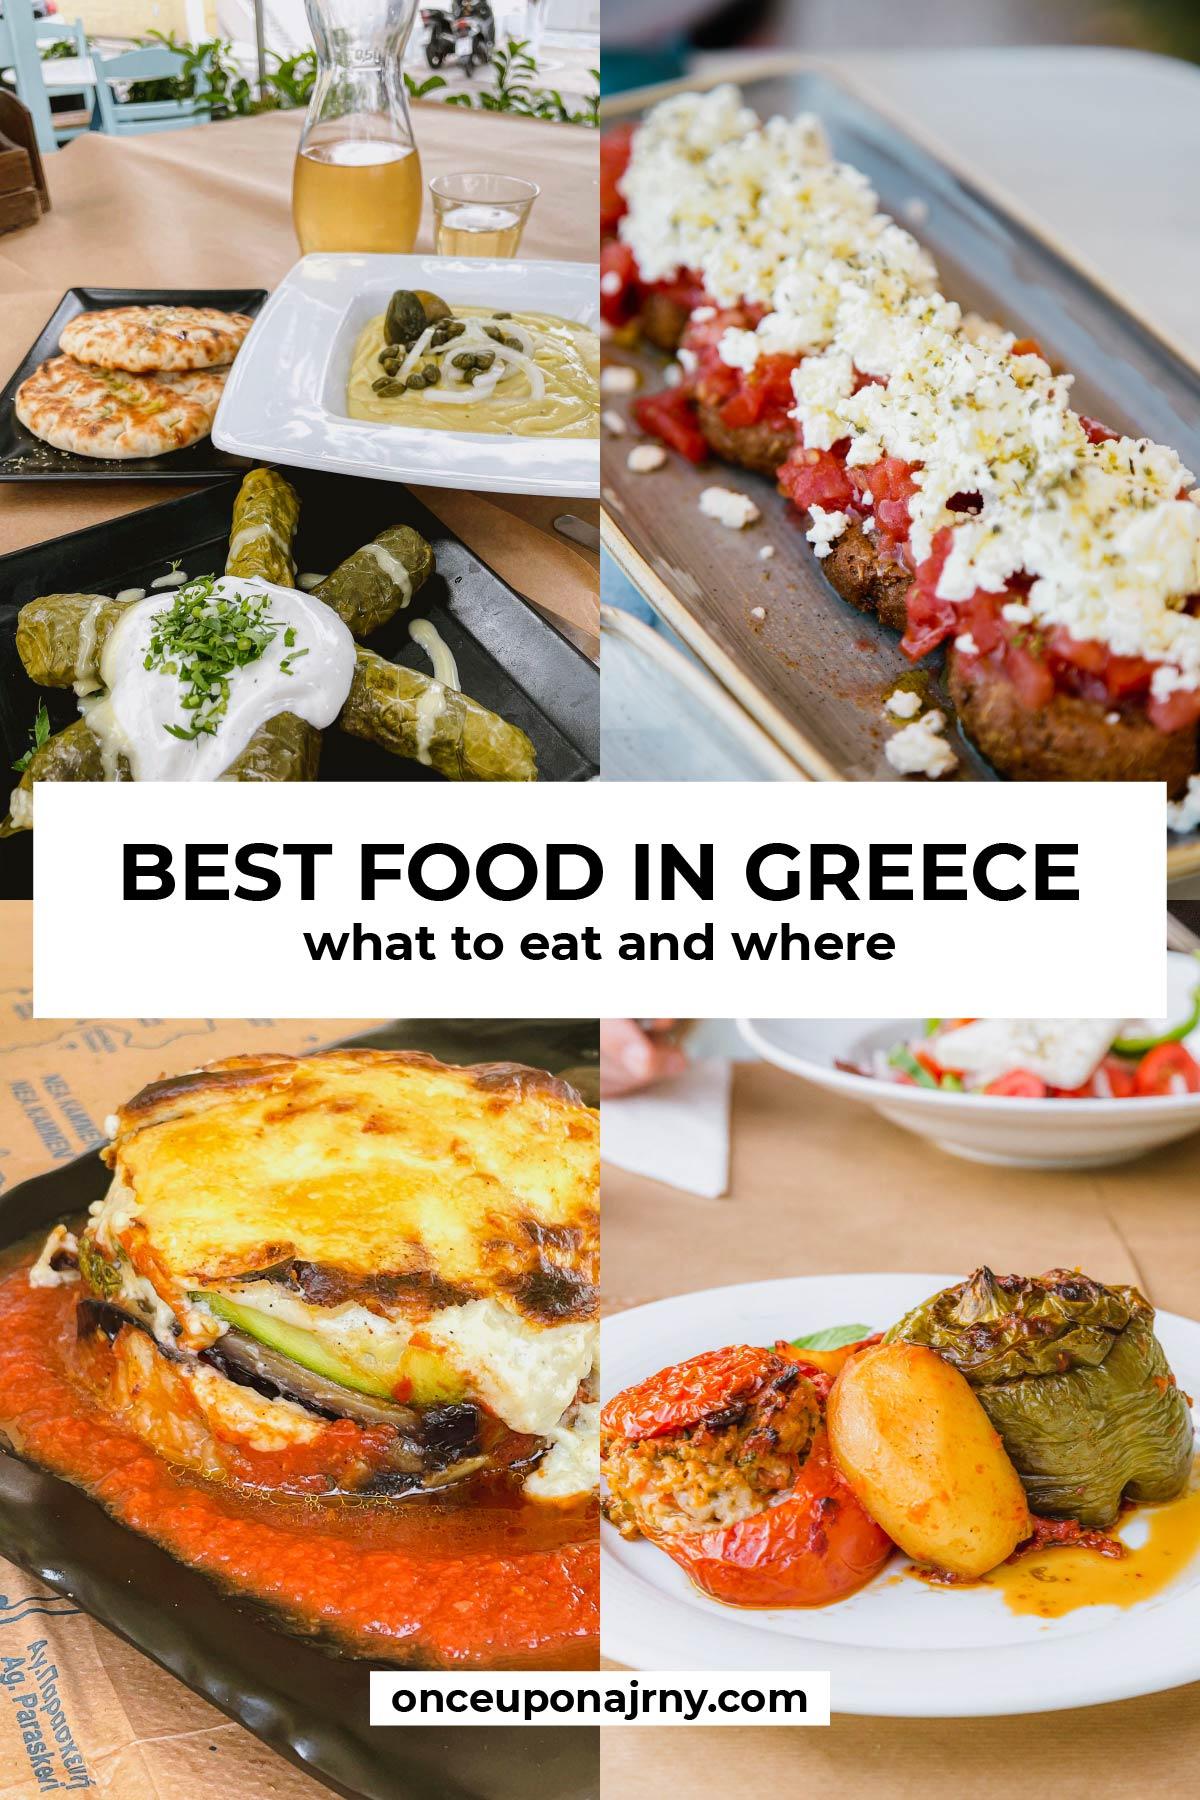 Best food in Greece